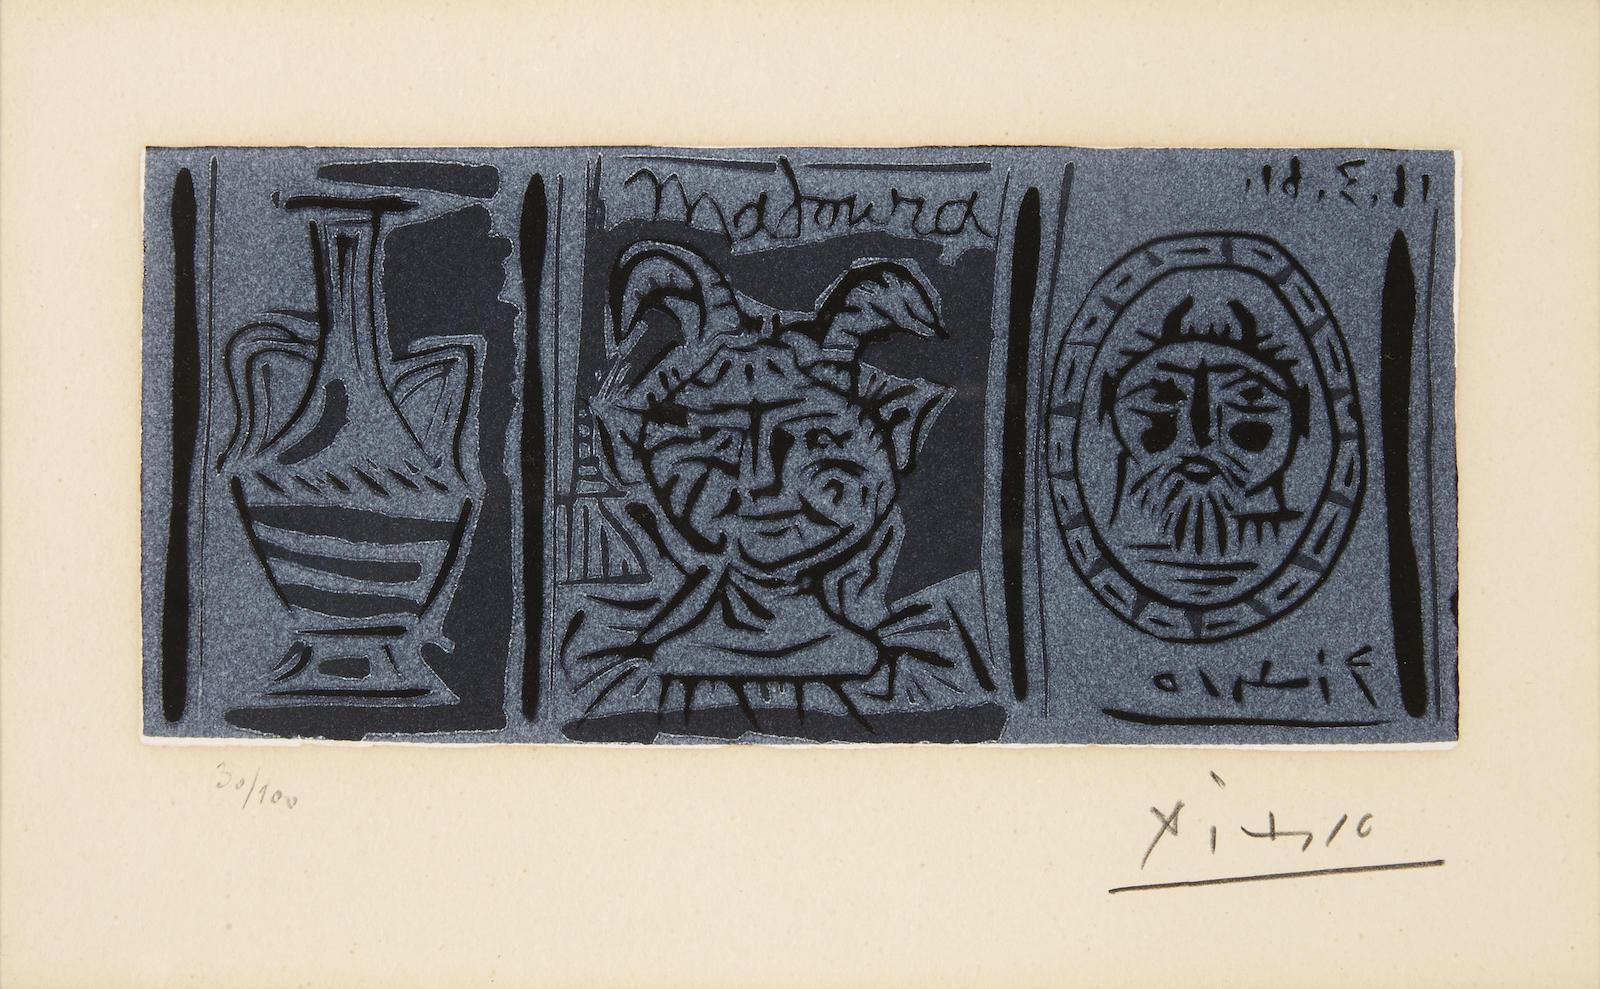 Pablo Picasso-Madoura (B. 1021; Ba. 1270ii)-1961